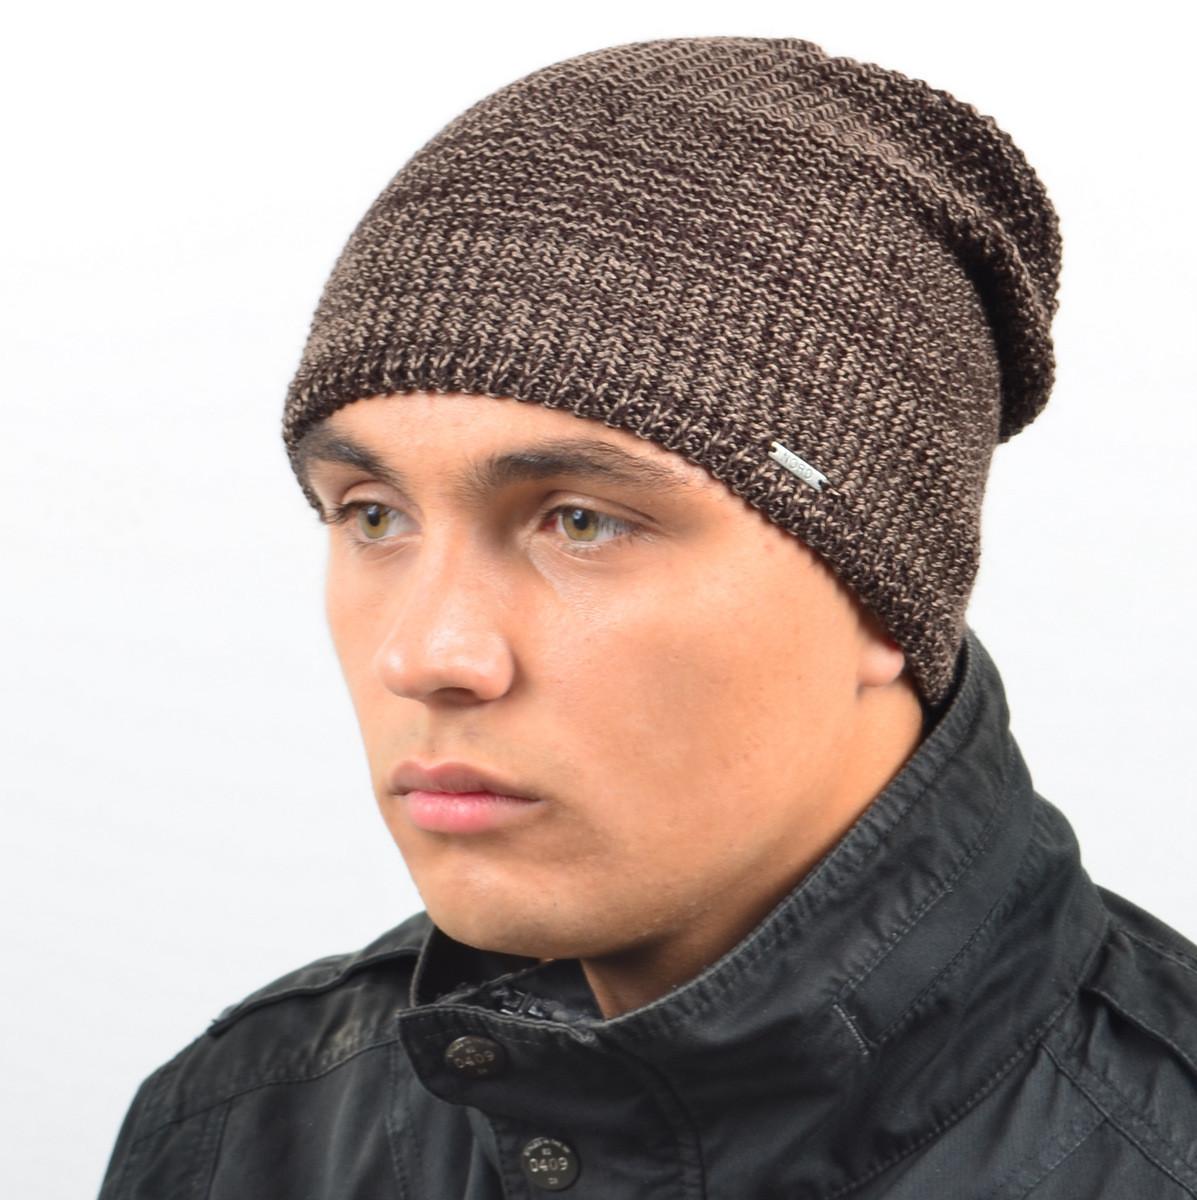 Мужская удлиненная шапка NORD коричневый меланж